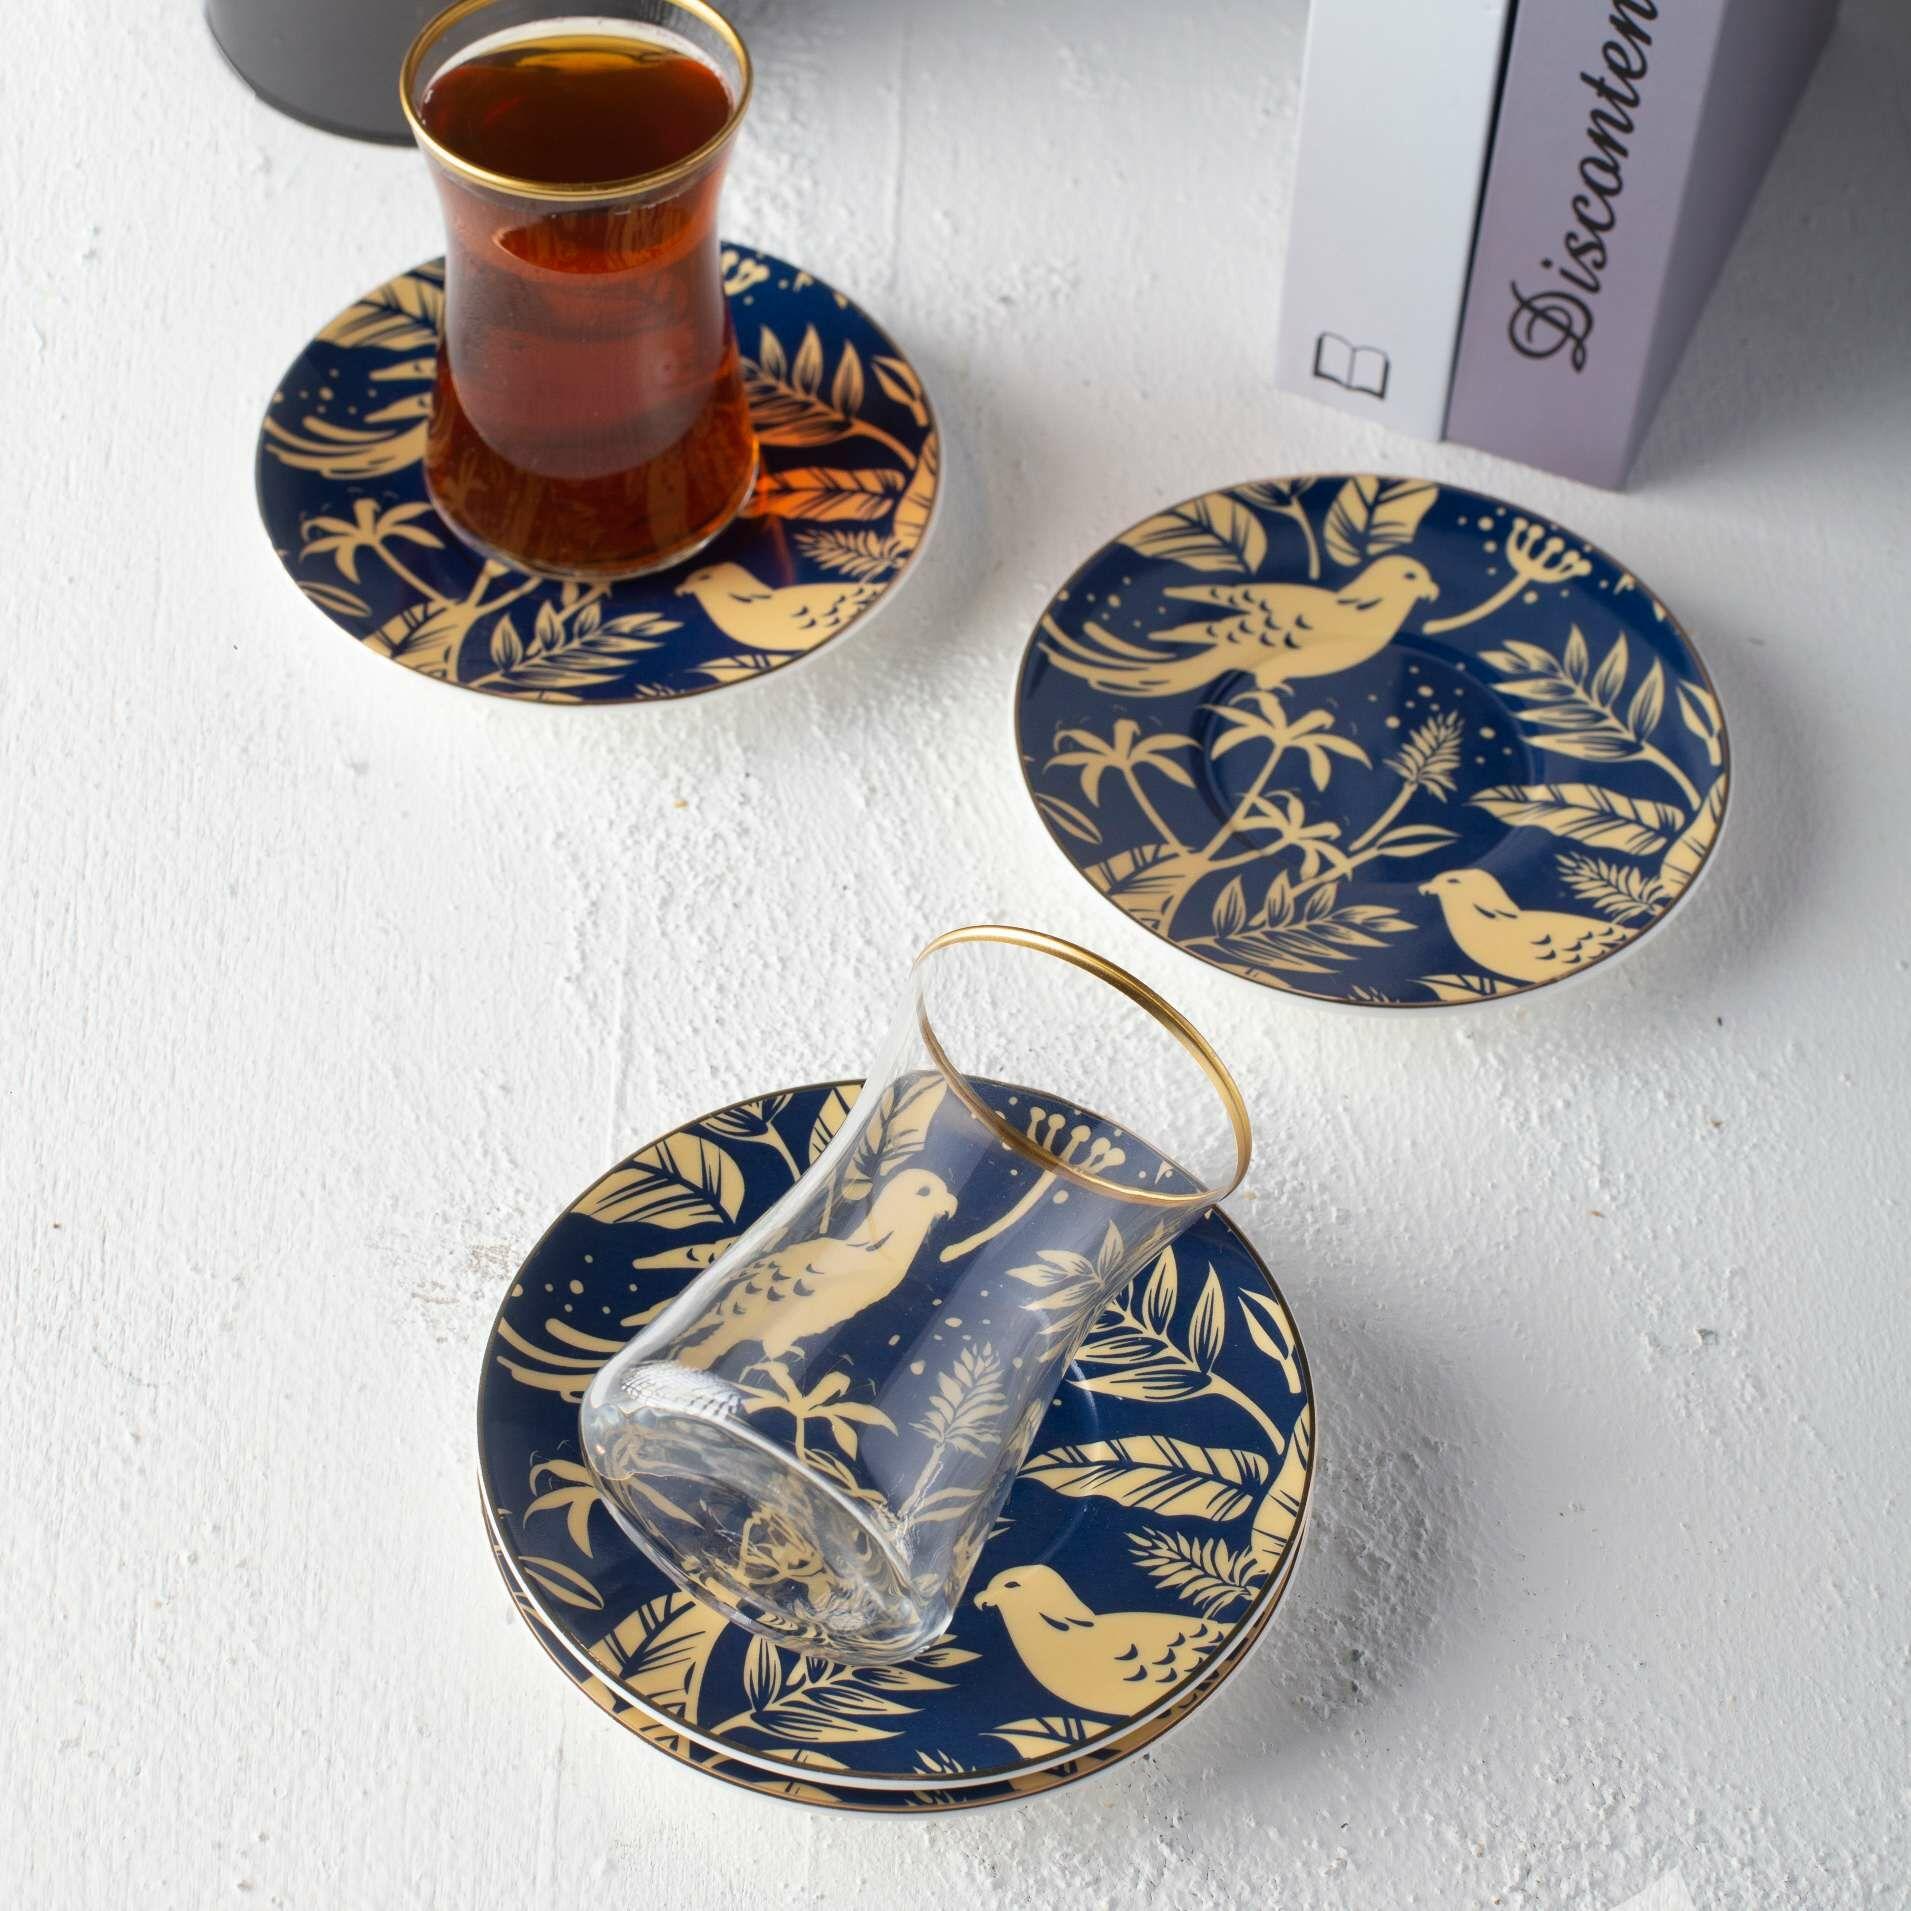 طقم بيالات شاهي رويال بيرد MAWA-1000008556225 القهوة و الشاي 249.000000